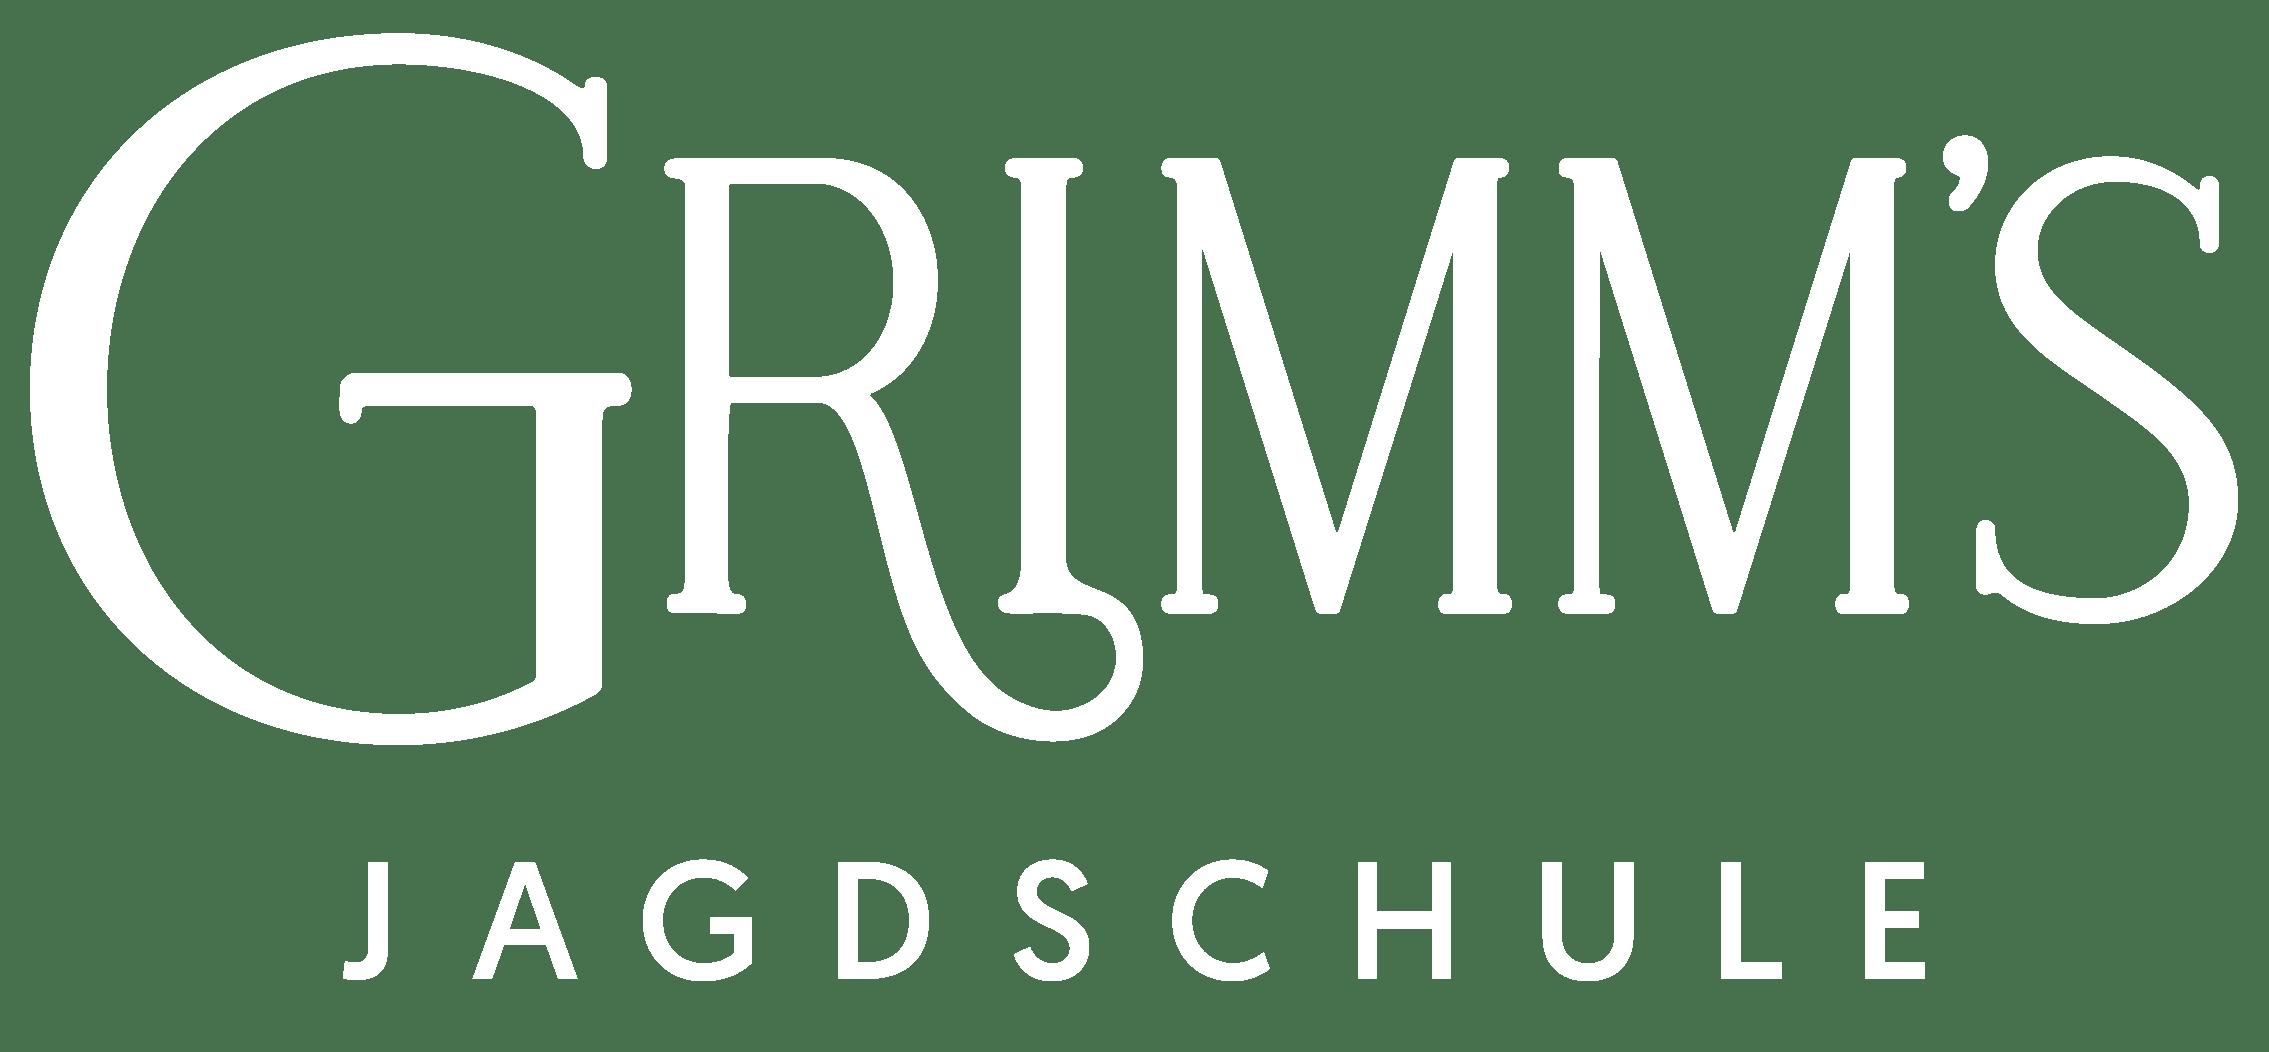 Grimm's Jagdschule